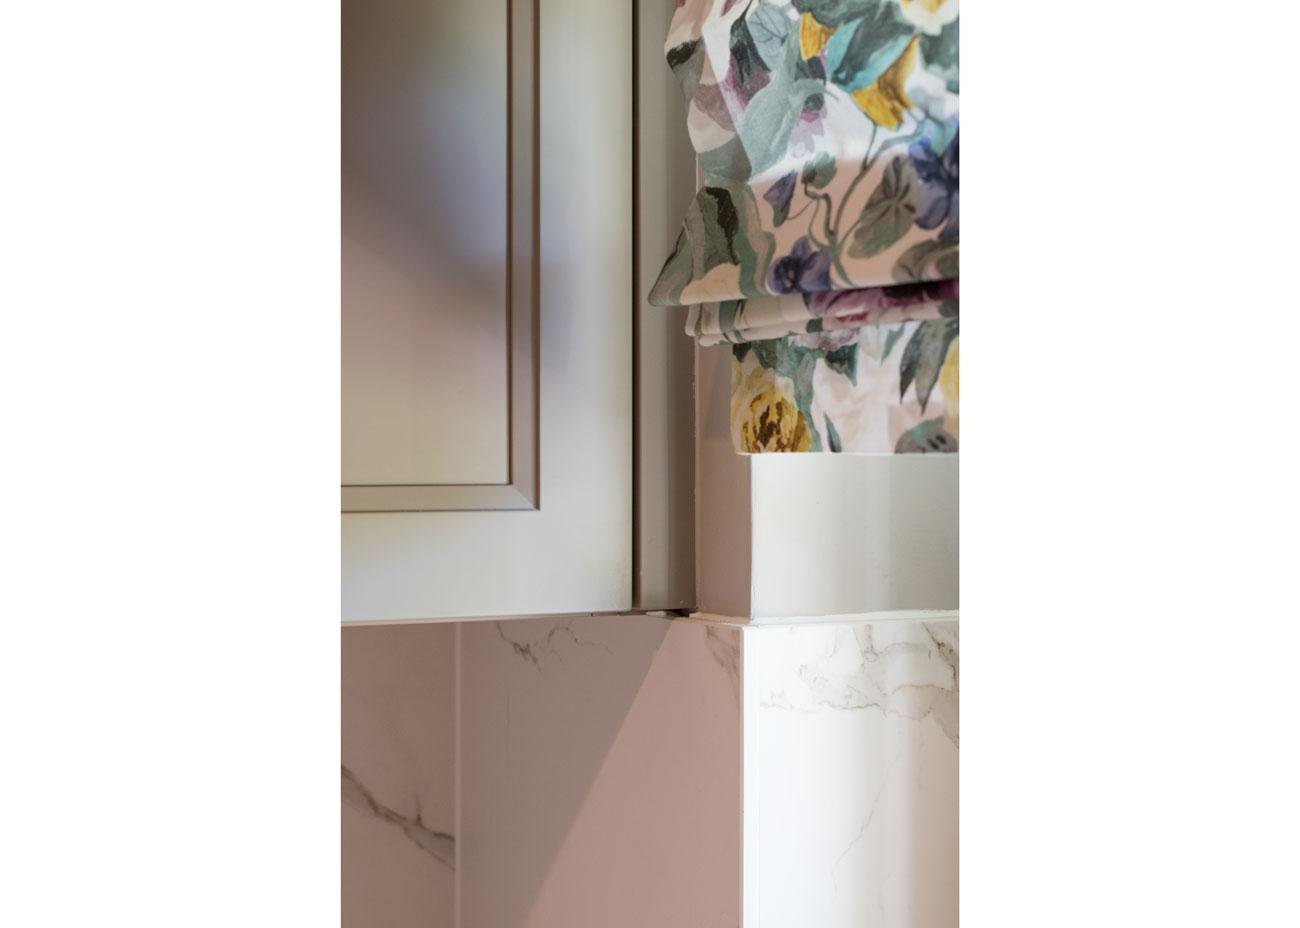 haus renovierung ideen küche marmor taupe fronten mit rahmen raffrollo floral